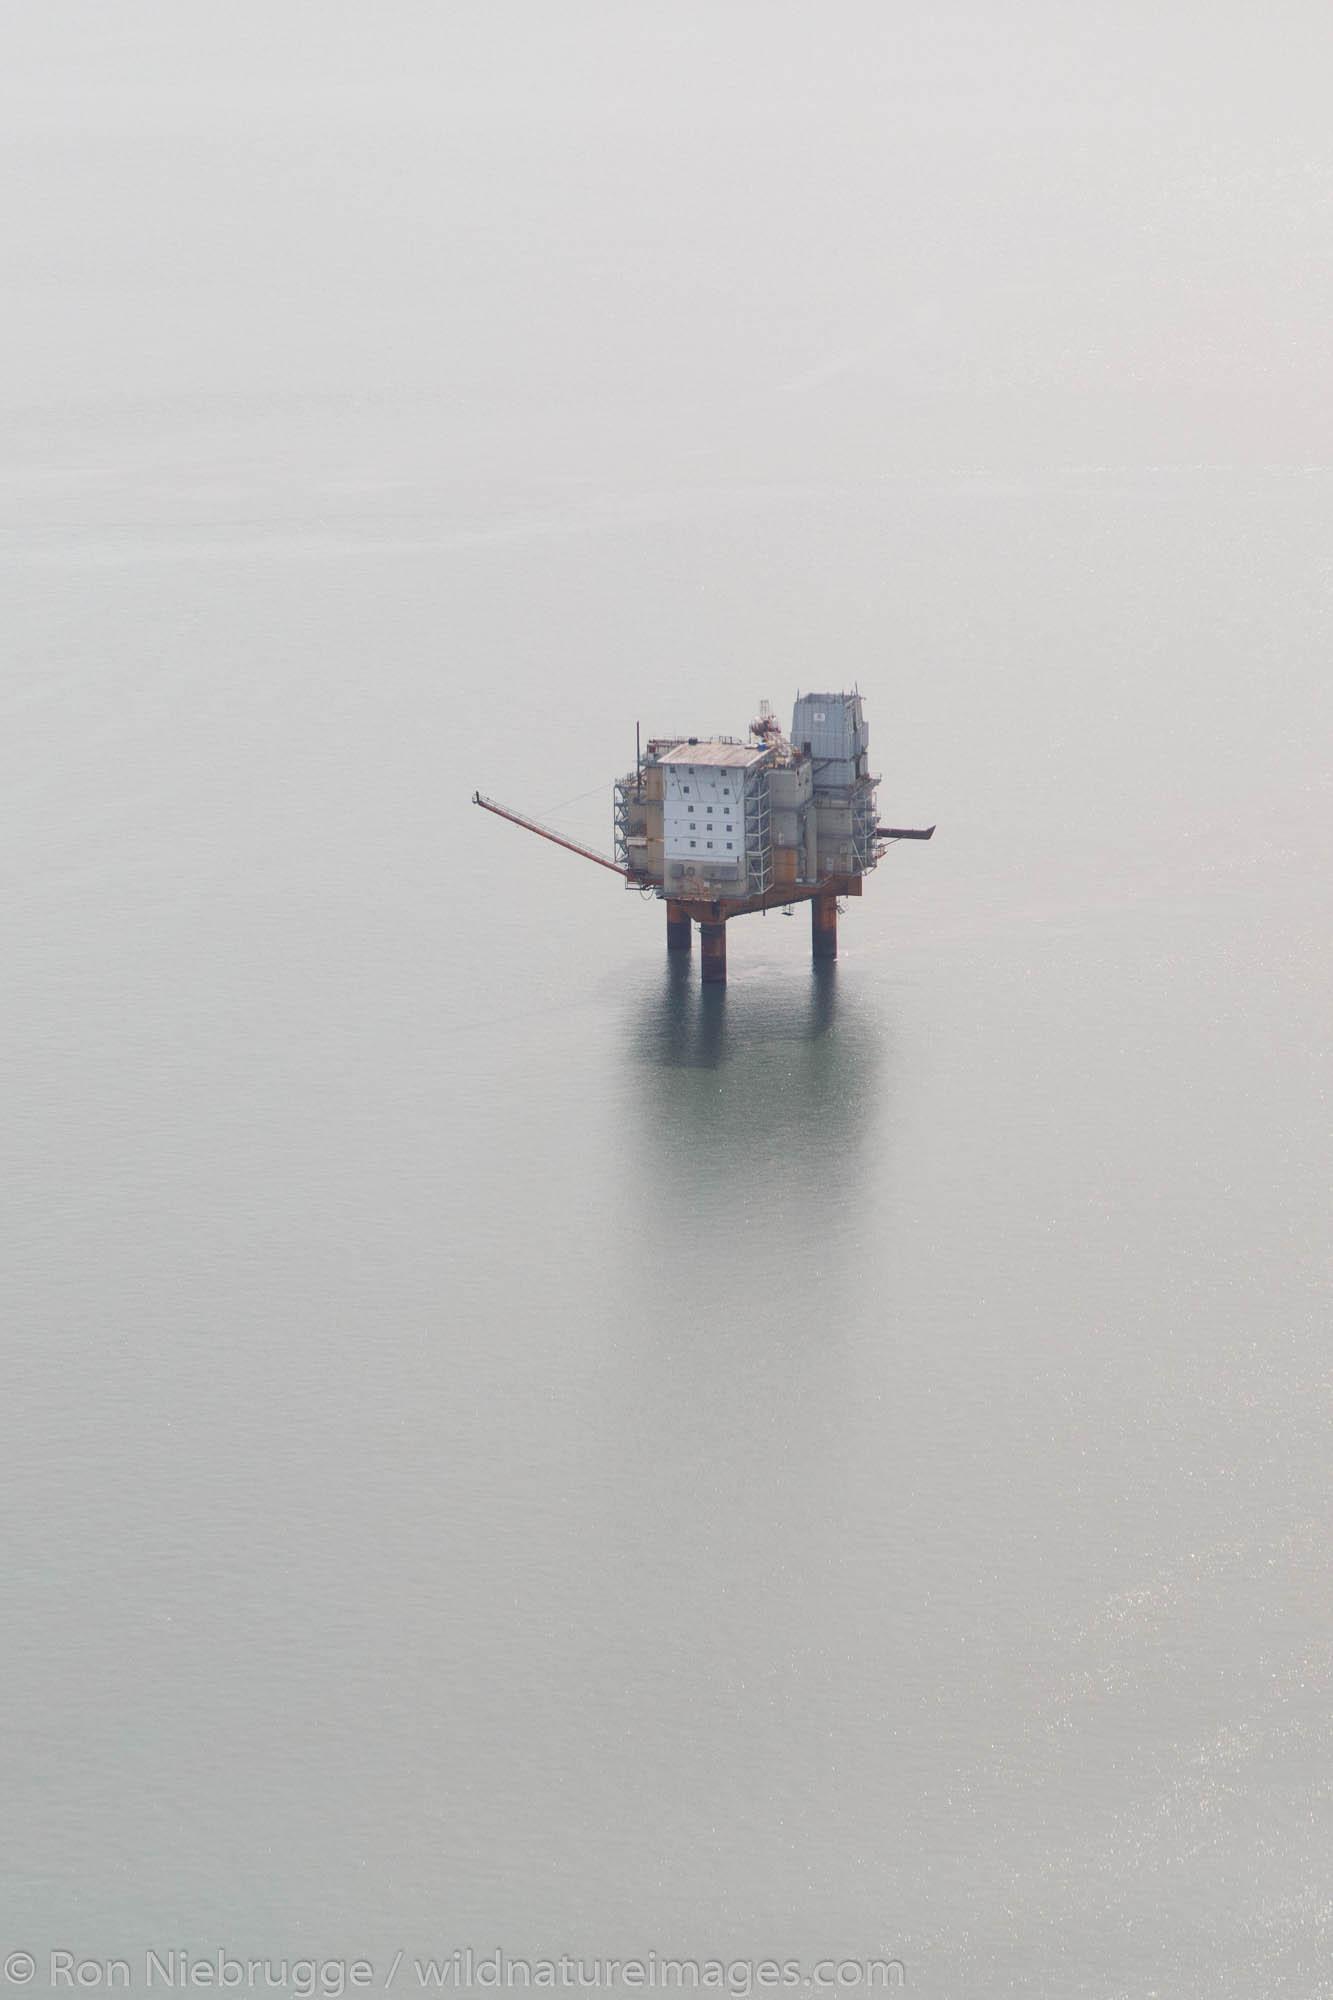 Aerial of oil rig in Cook Inlet, Alaska.